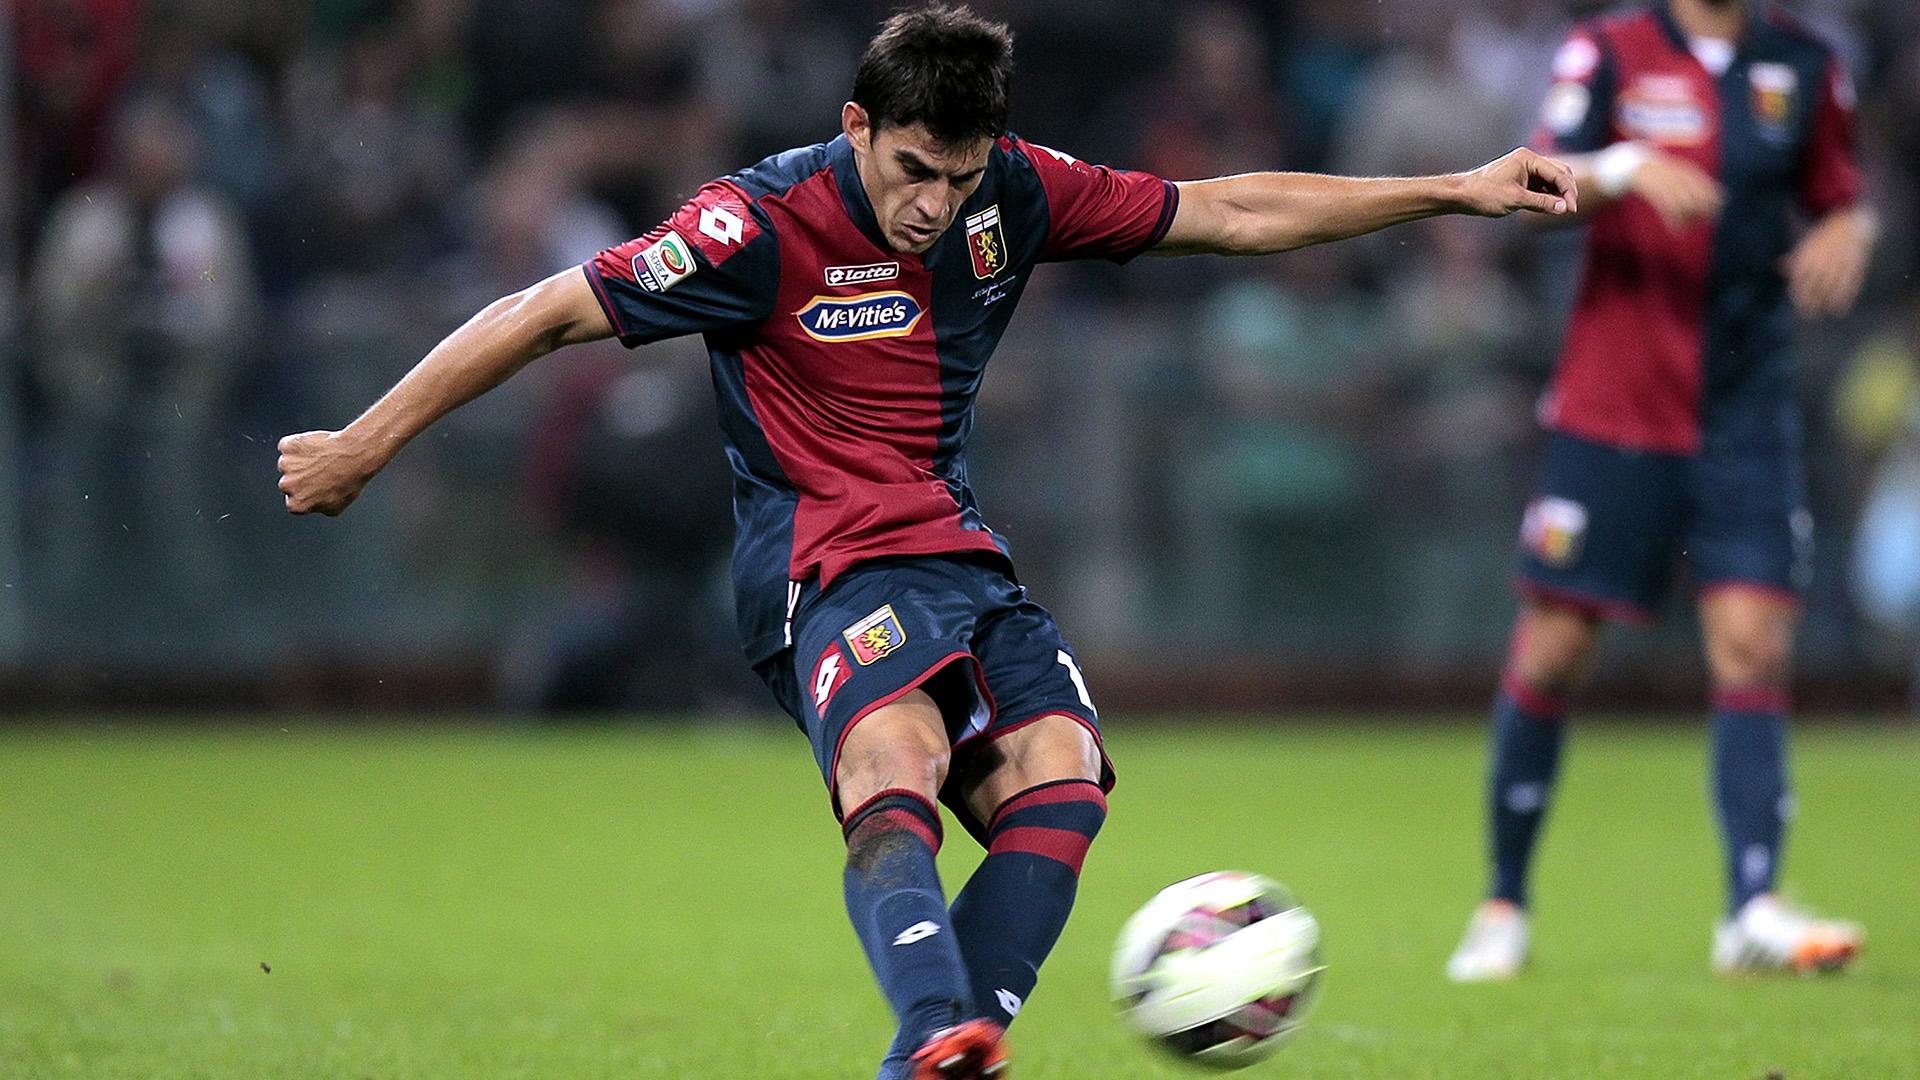 L'argentino Perotti regala i tre punti al Genoa in trasferta contro la Lazio